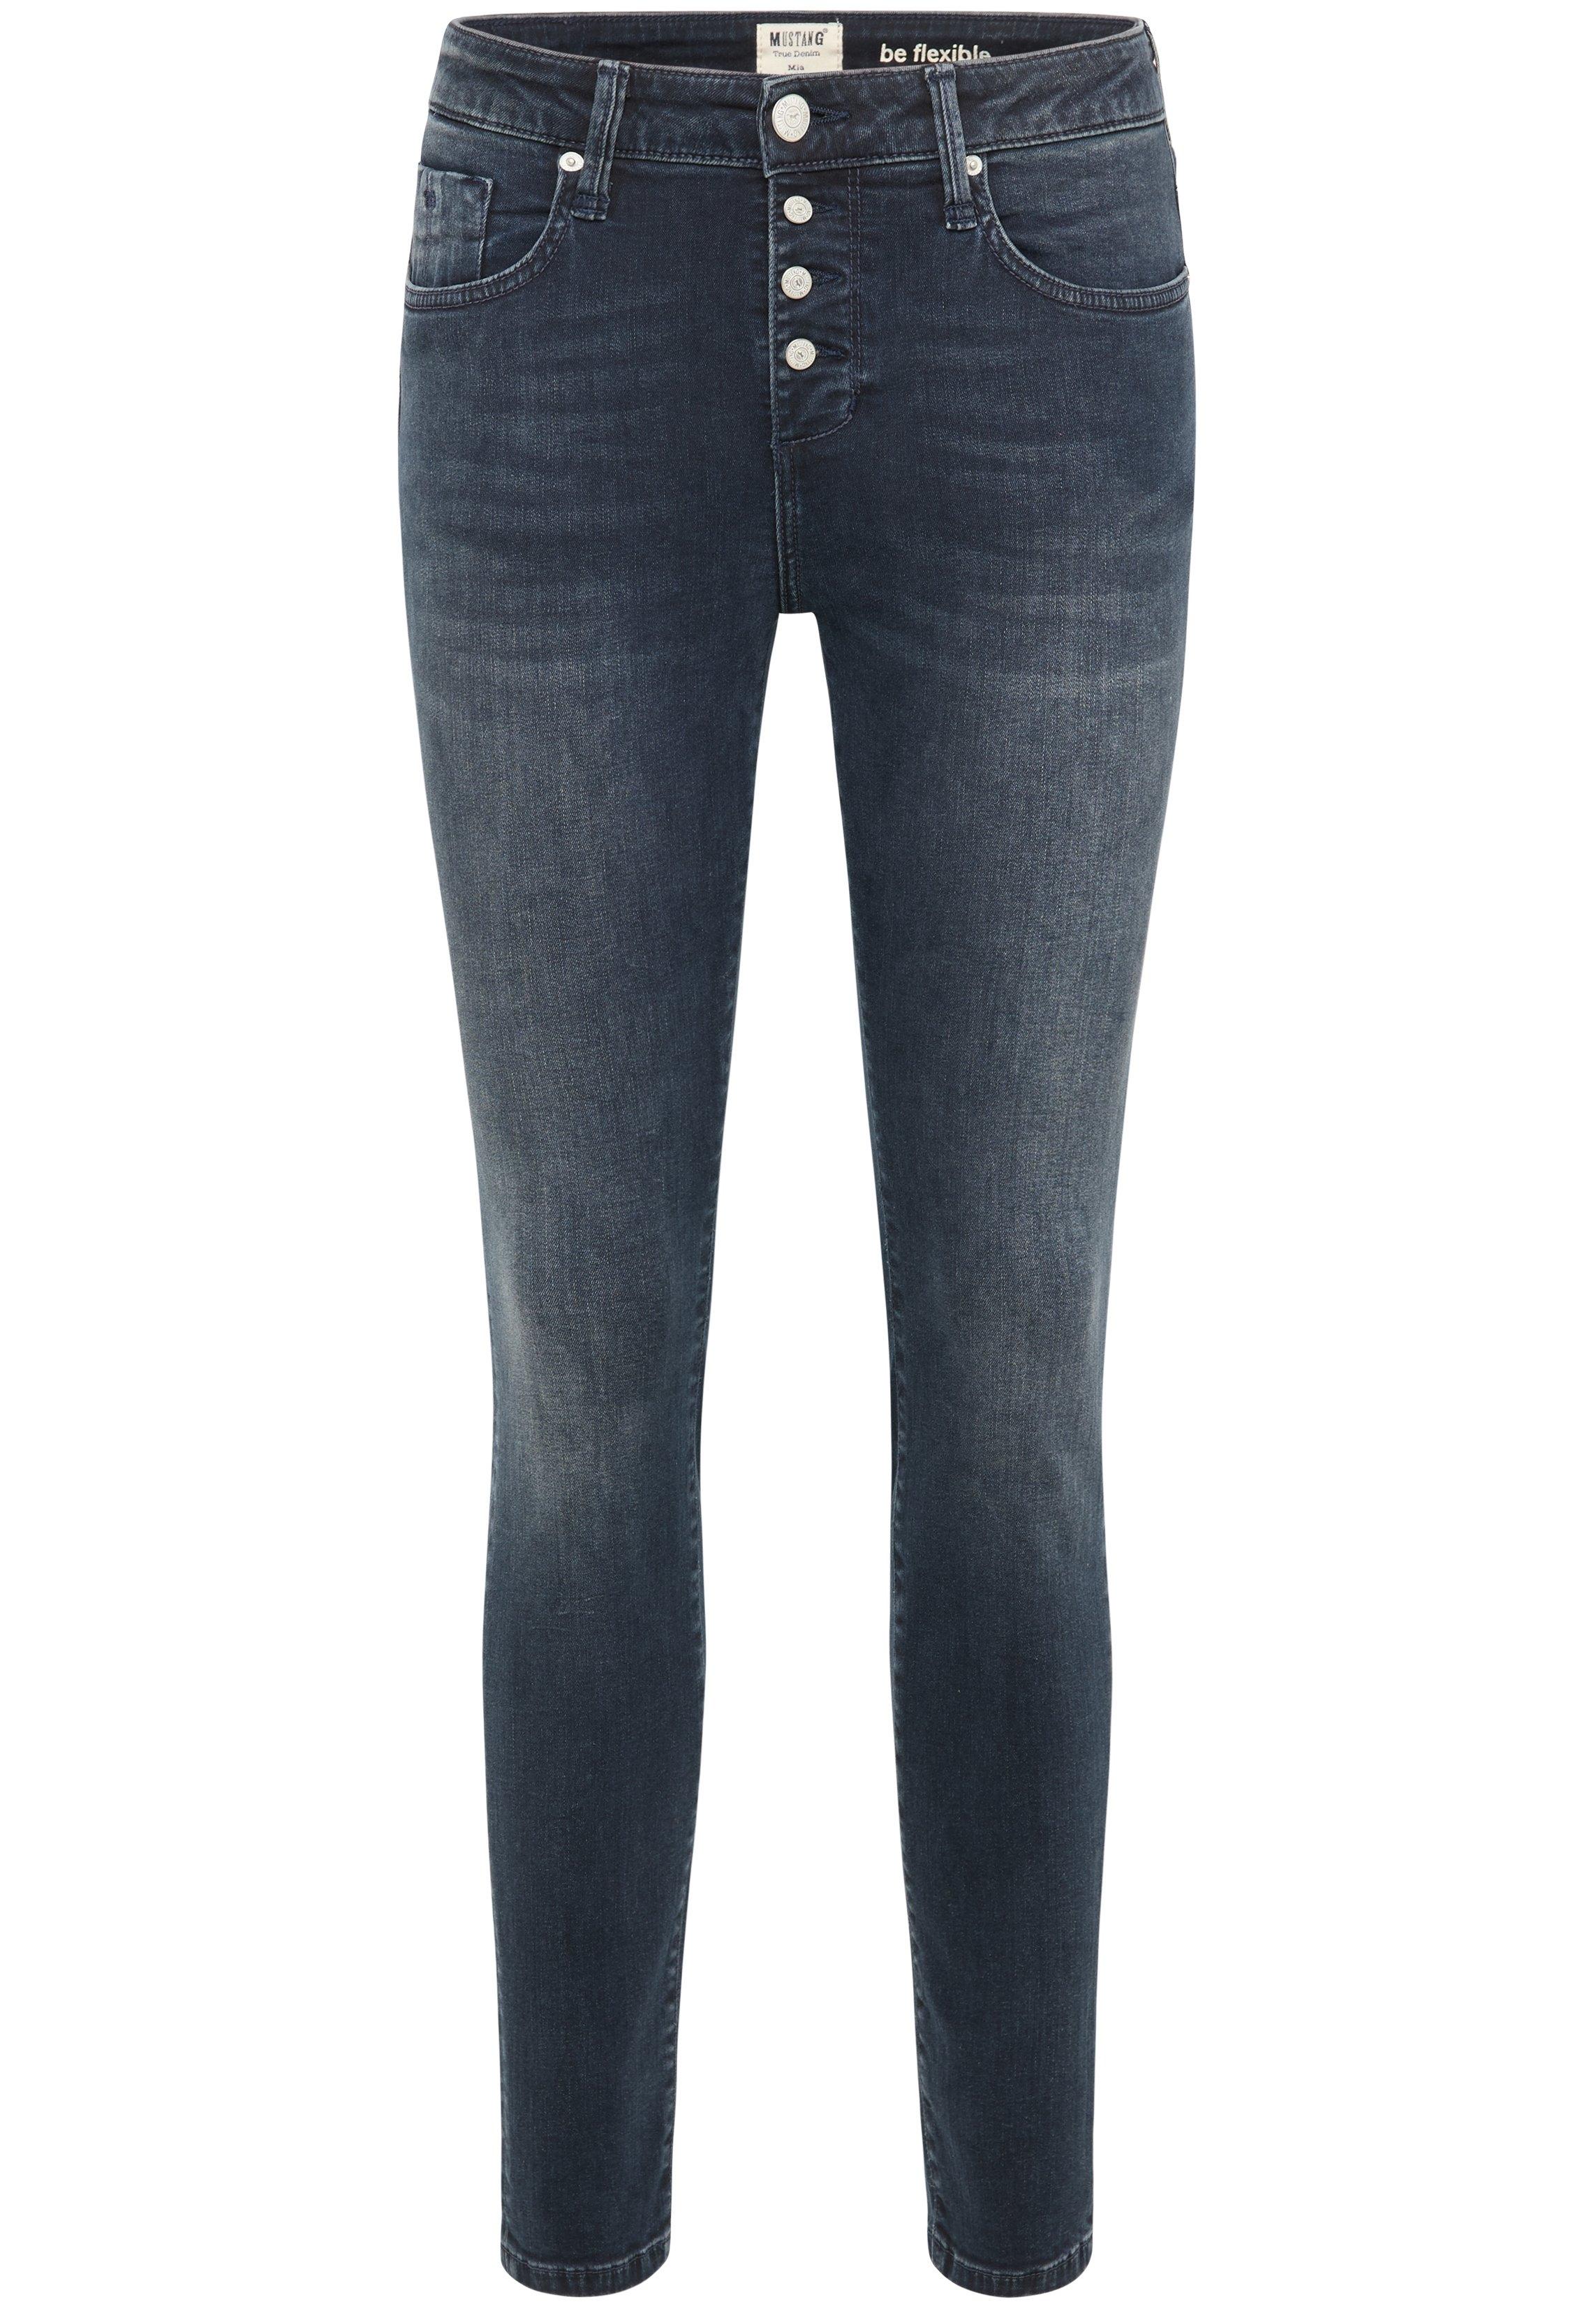 MUSTANG jeggings Mia jeggings Jeans broek nu online kopen bij OTTO